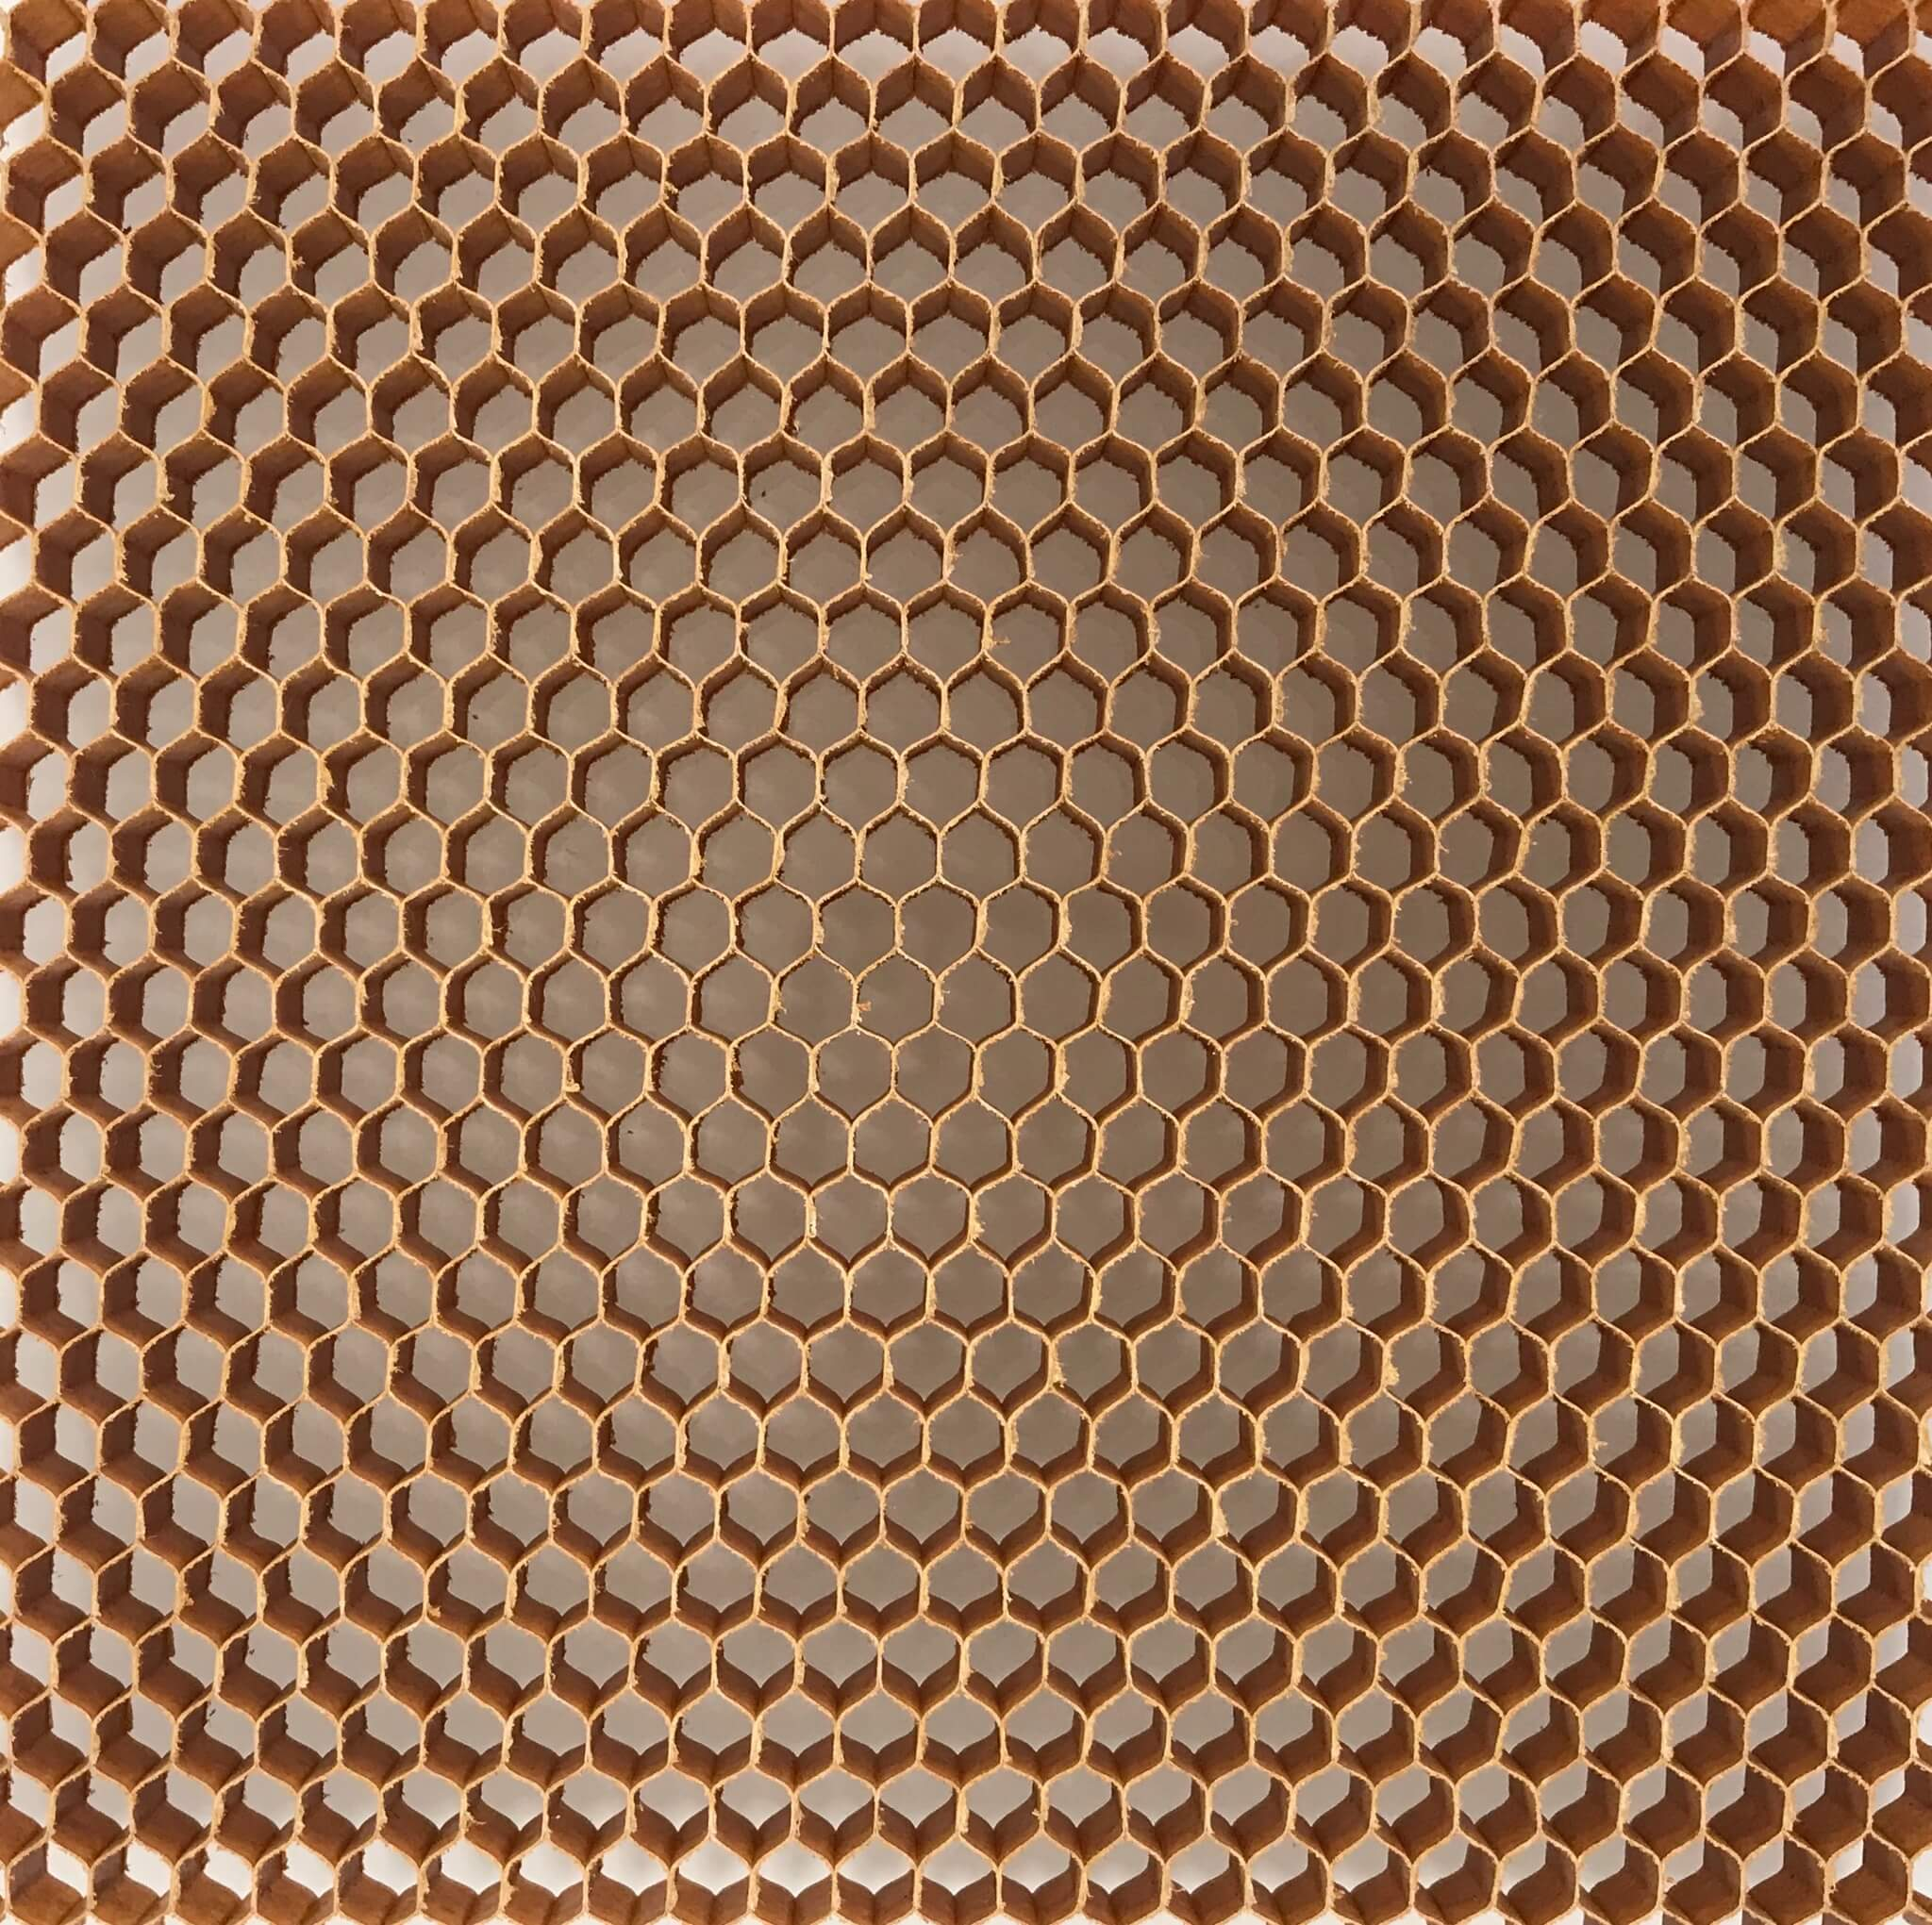 Nomex® and Kevlar® paper honeycomb